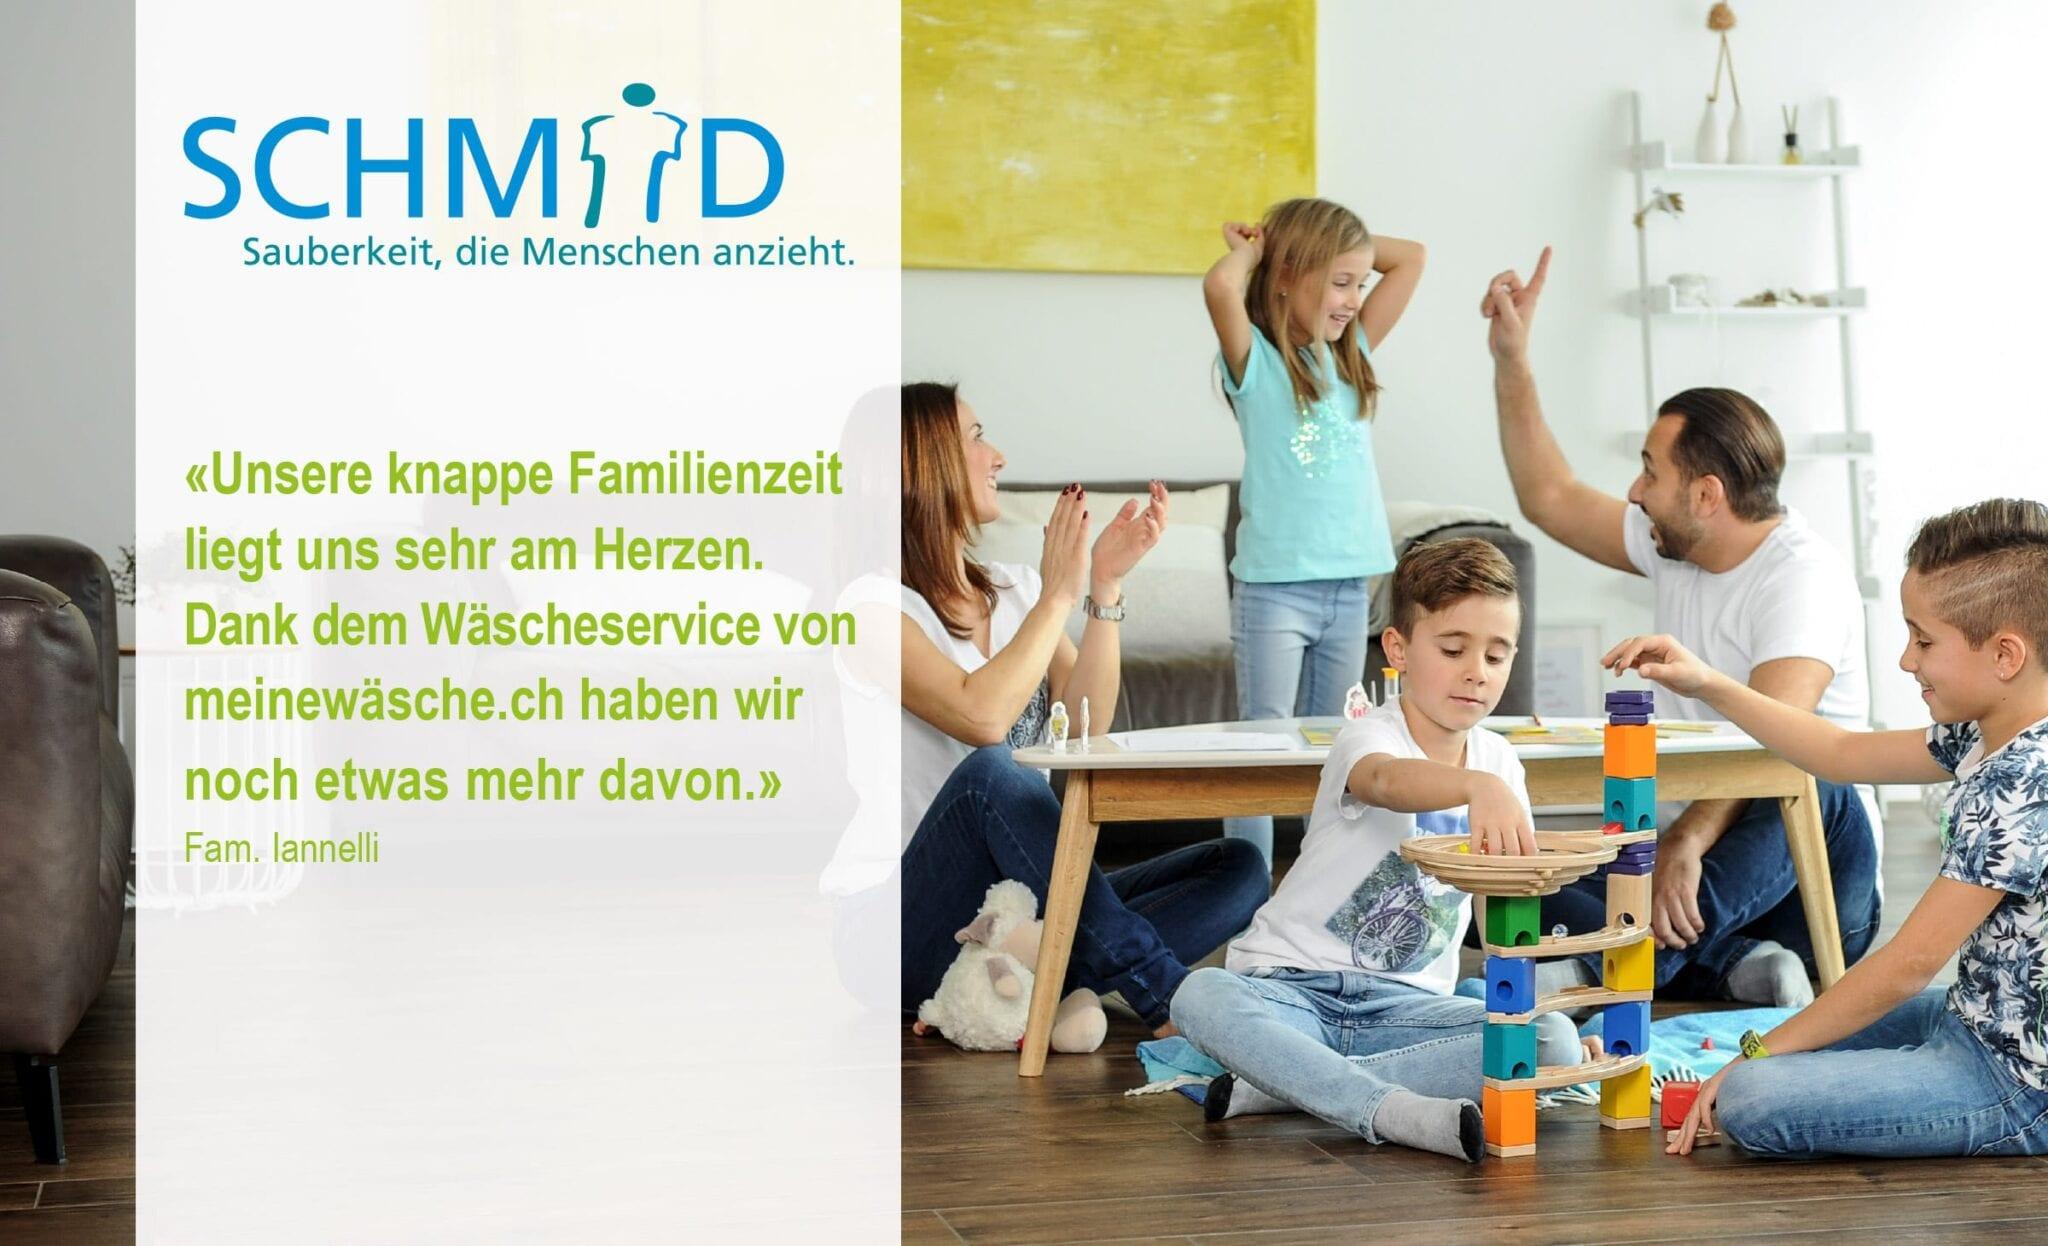 180grad_SCHMID_meinewaesche_sujet_familie